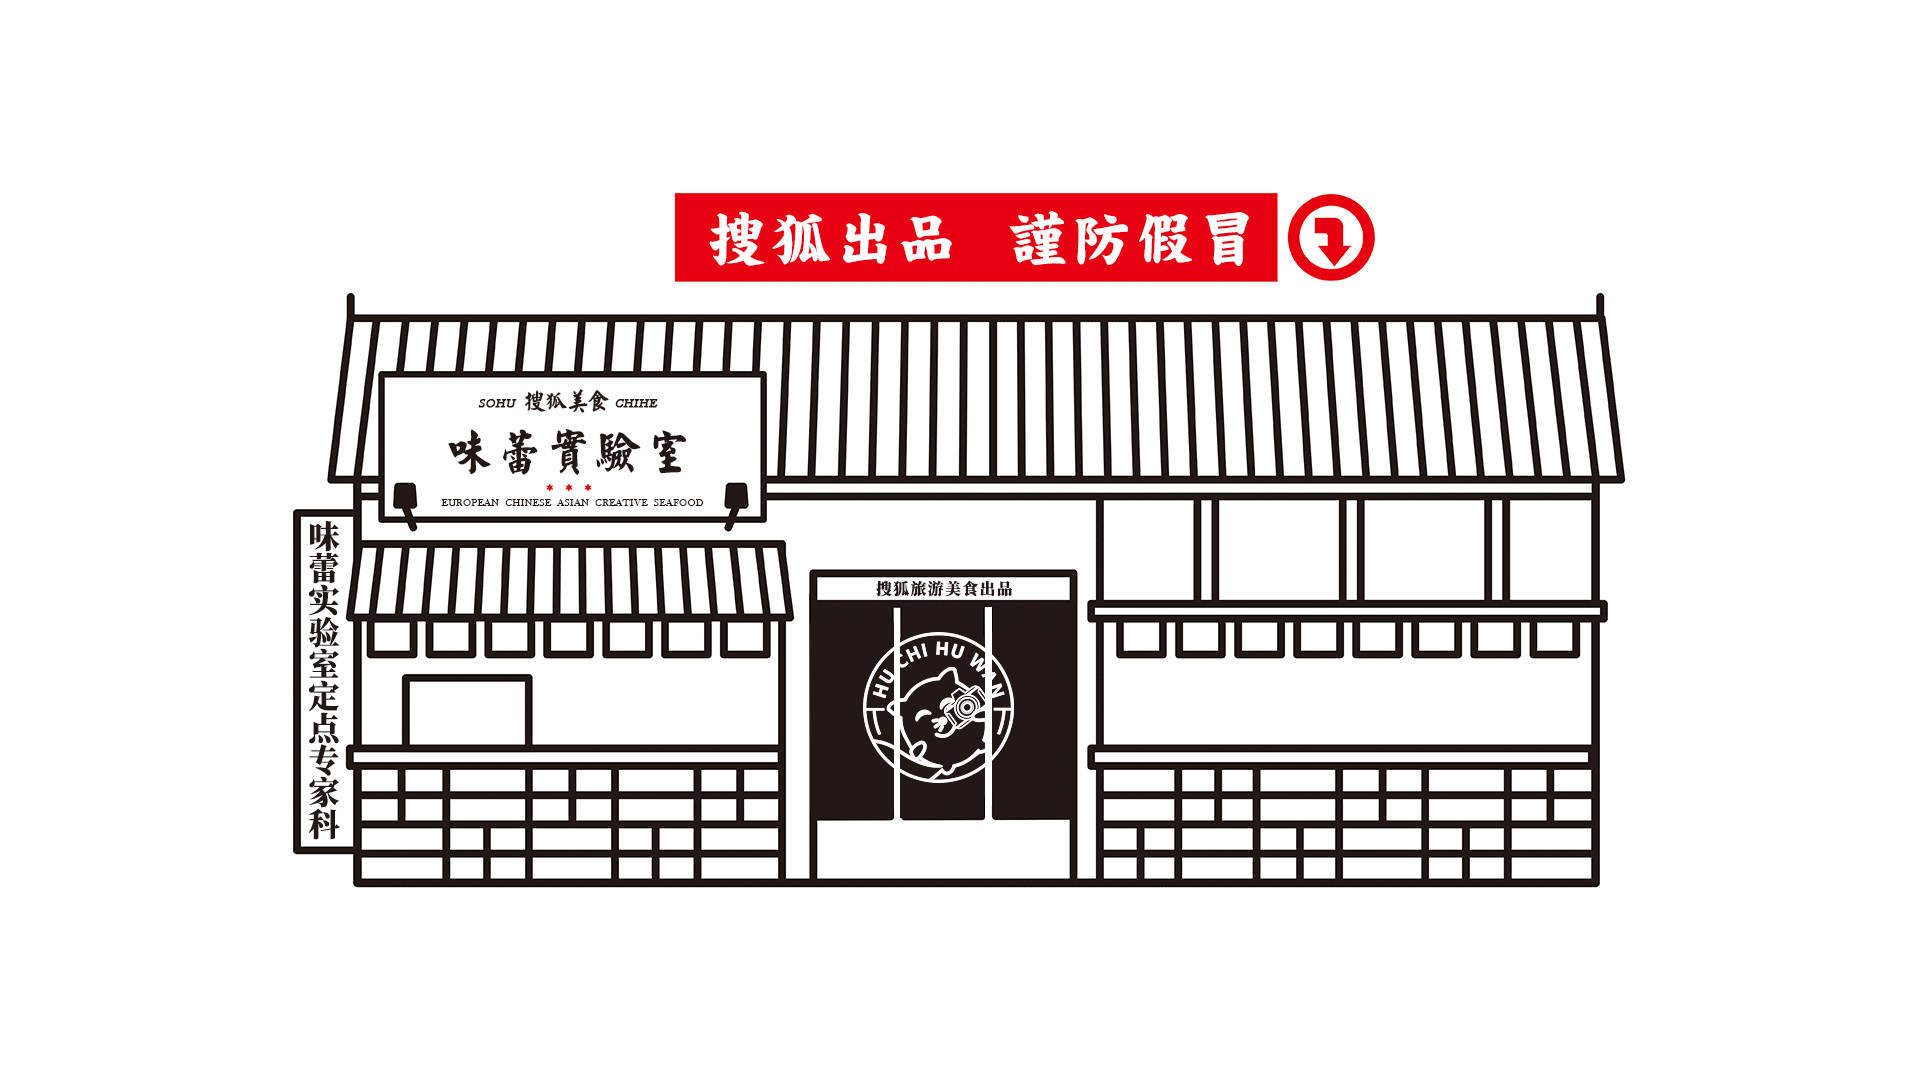 京城超解暑der啤酒花园大鹅都说好吃 味蕾实验室ytc